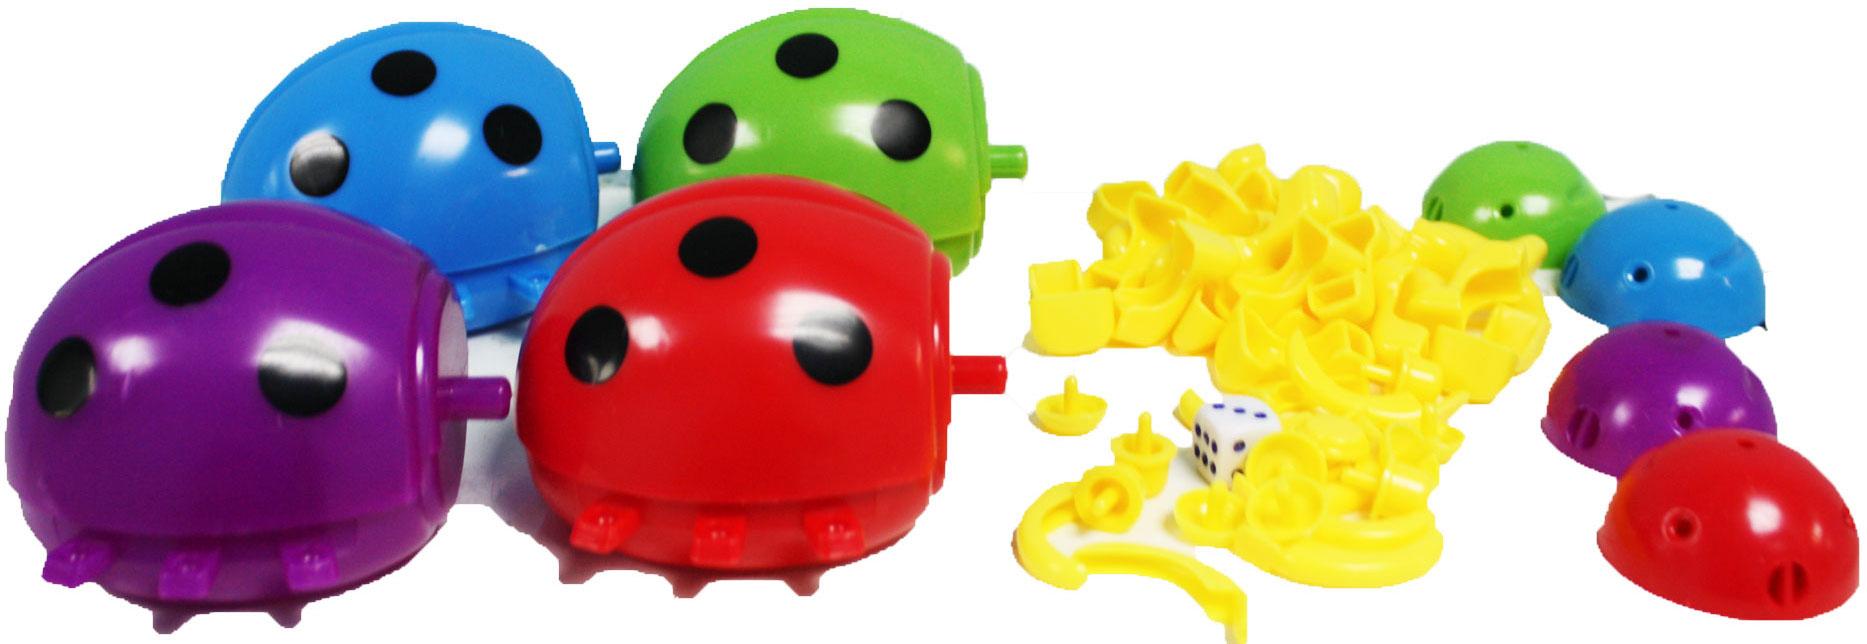 Игровой набор Инновации для детей Светящиеся лизуны 820